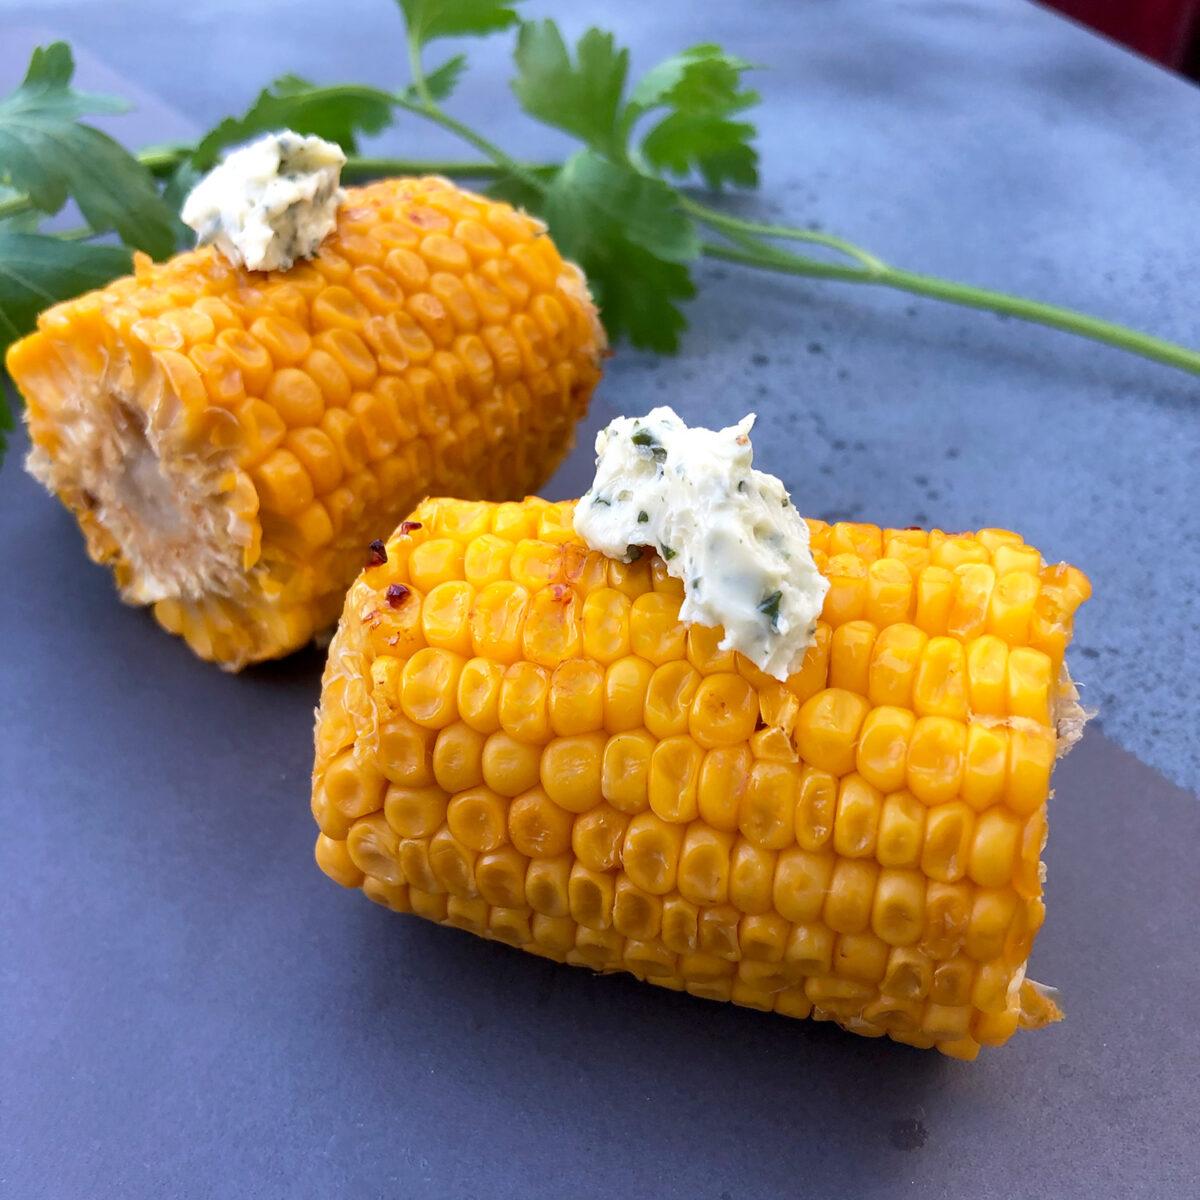 Gegrillter Maiskolben und selbstgemachte Kräuterbutter